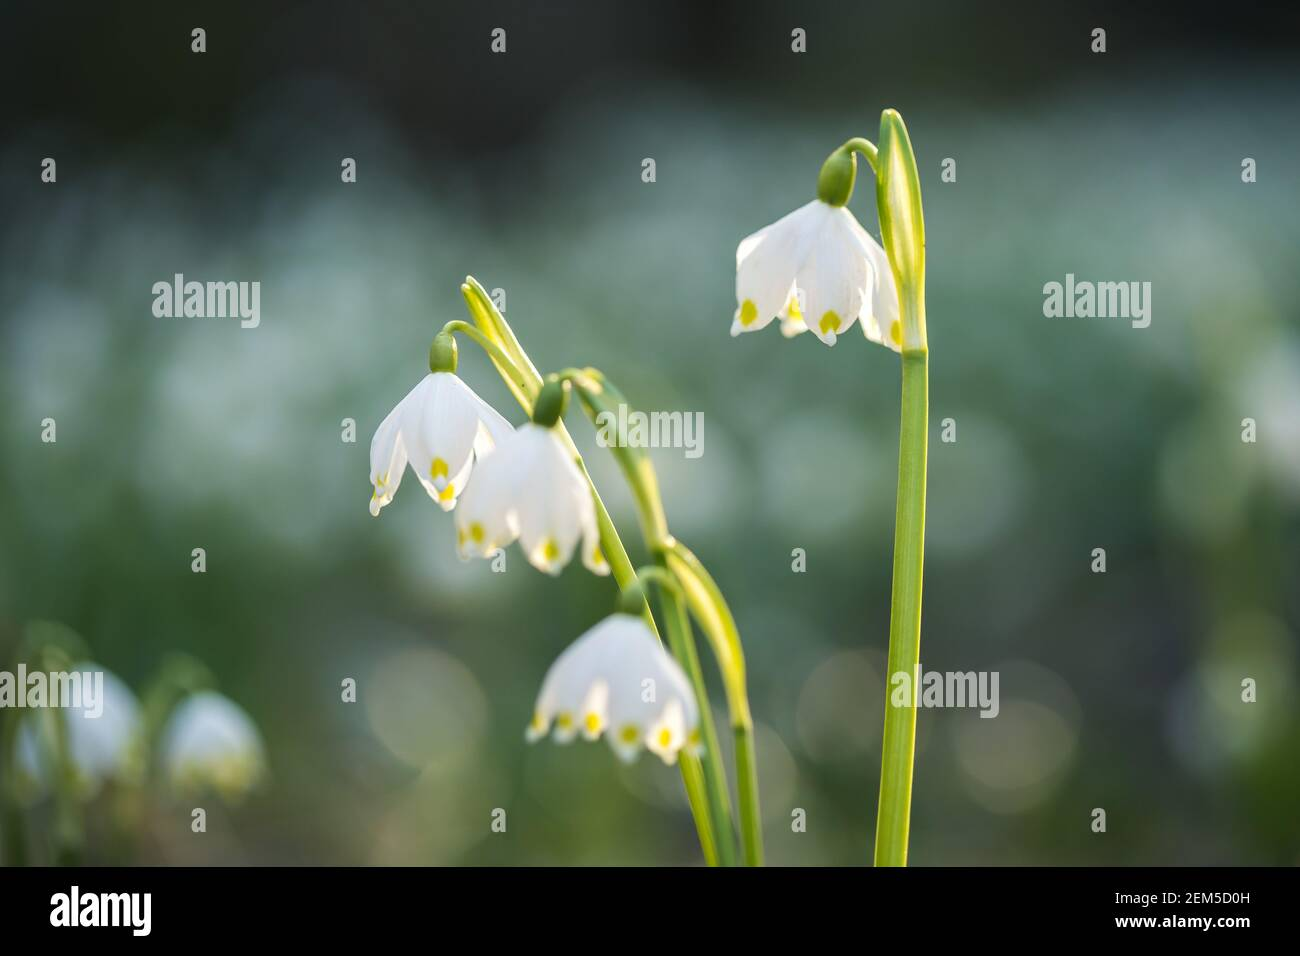 Leucojum vernum oder Frühjahr Schneeflocke - blühende weiße Blüten im Frühjahr im Wald, Nahaufnahme Makro-Bild. Stockfoto